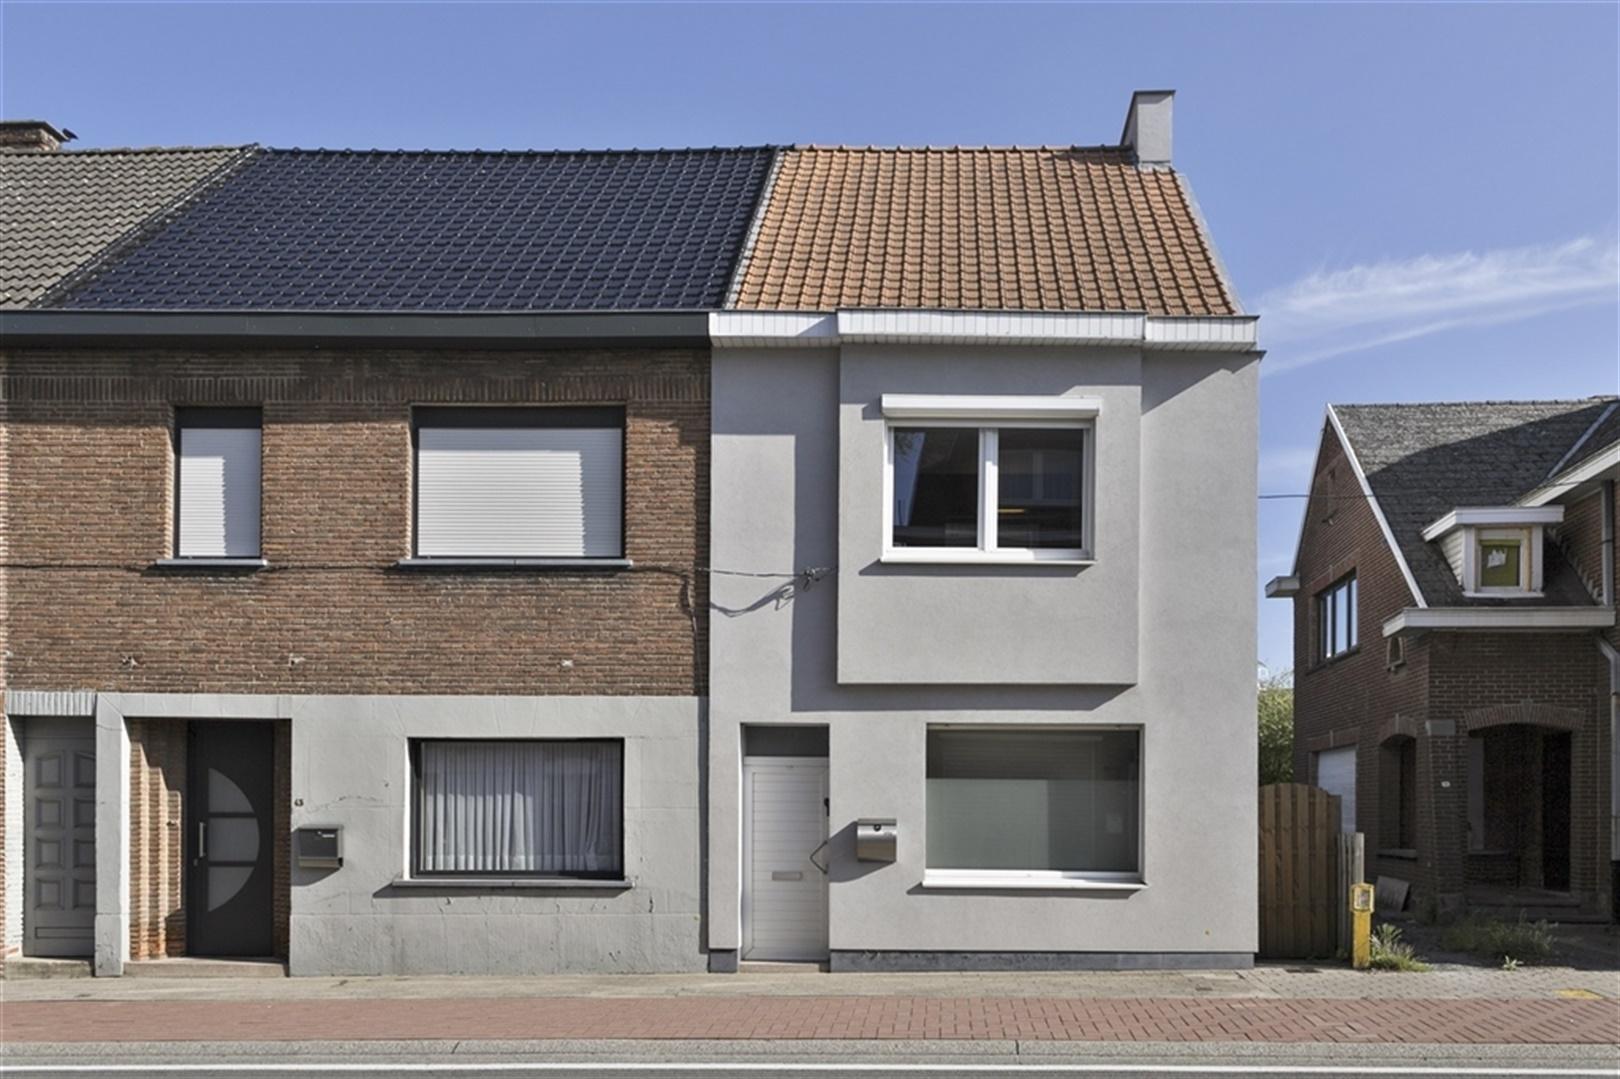 Stijlvolle en moderne woning met stadstuin in Wichelen